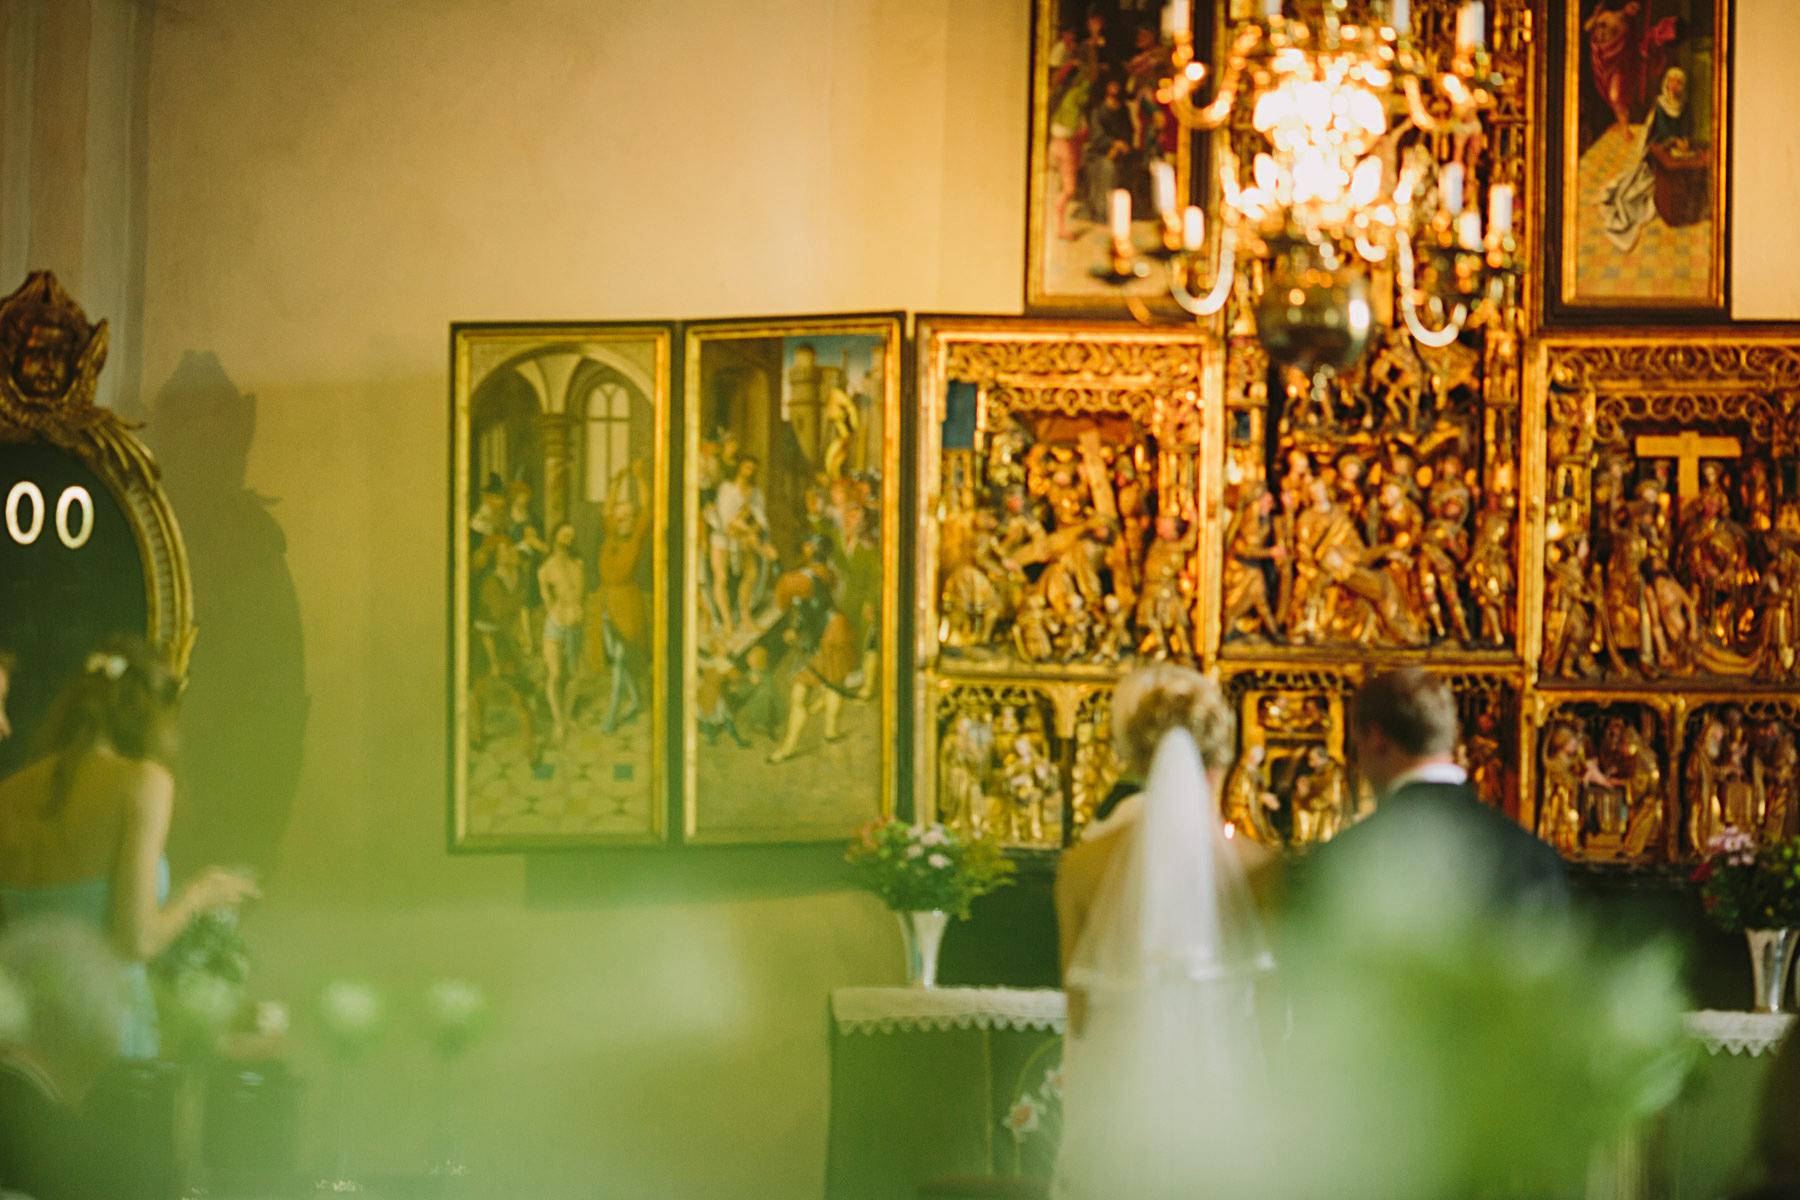 Blomdekorationer i mittgången i kyrkan